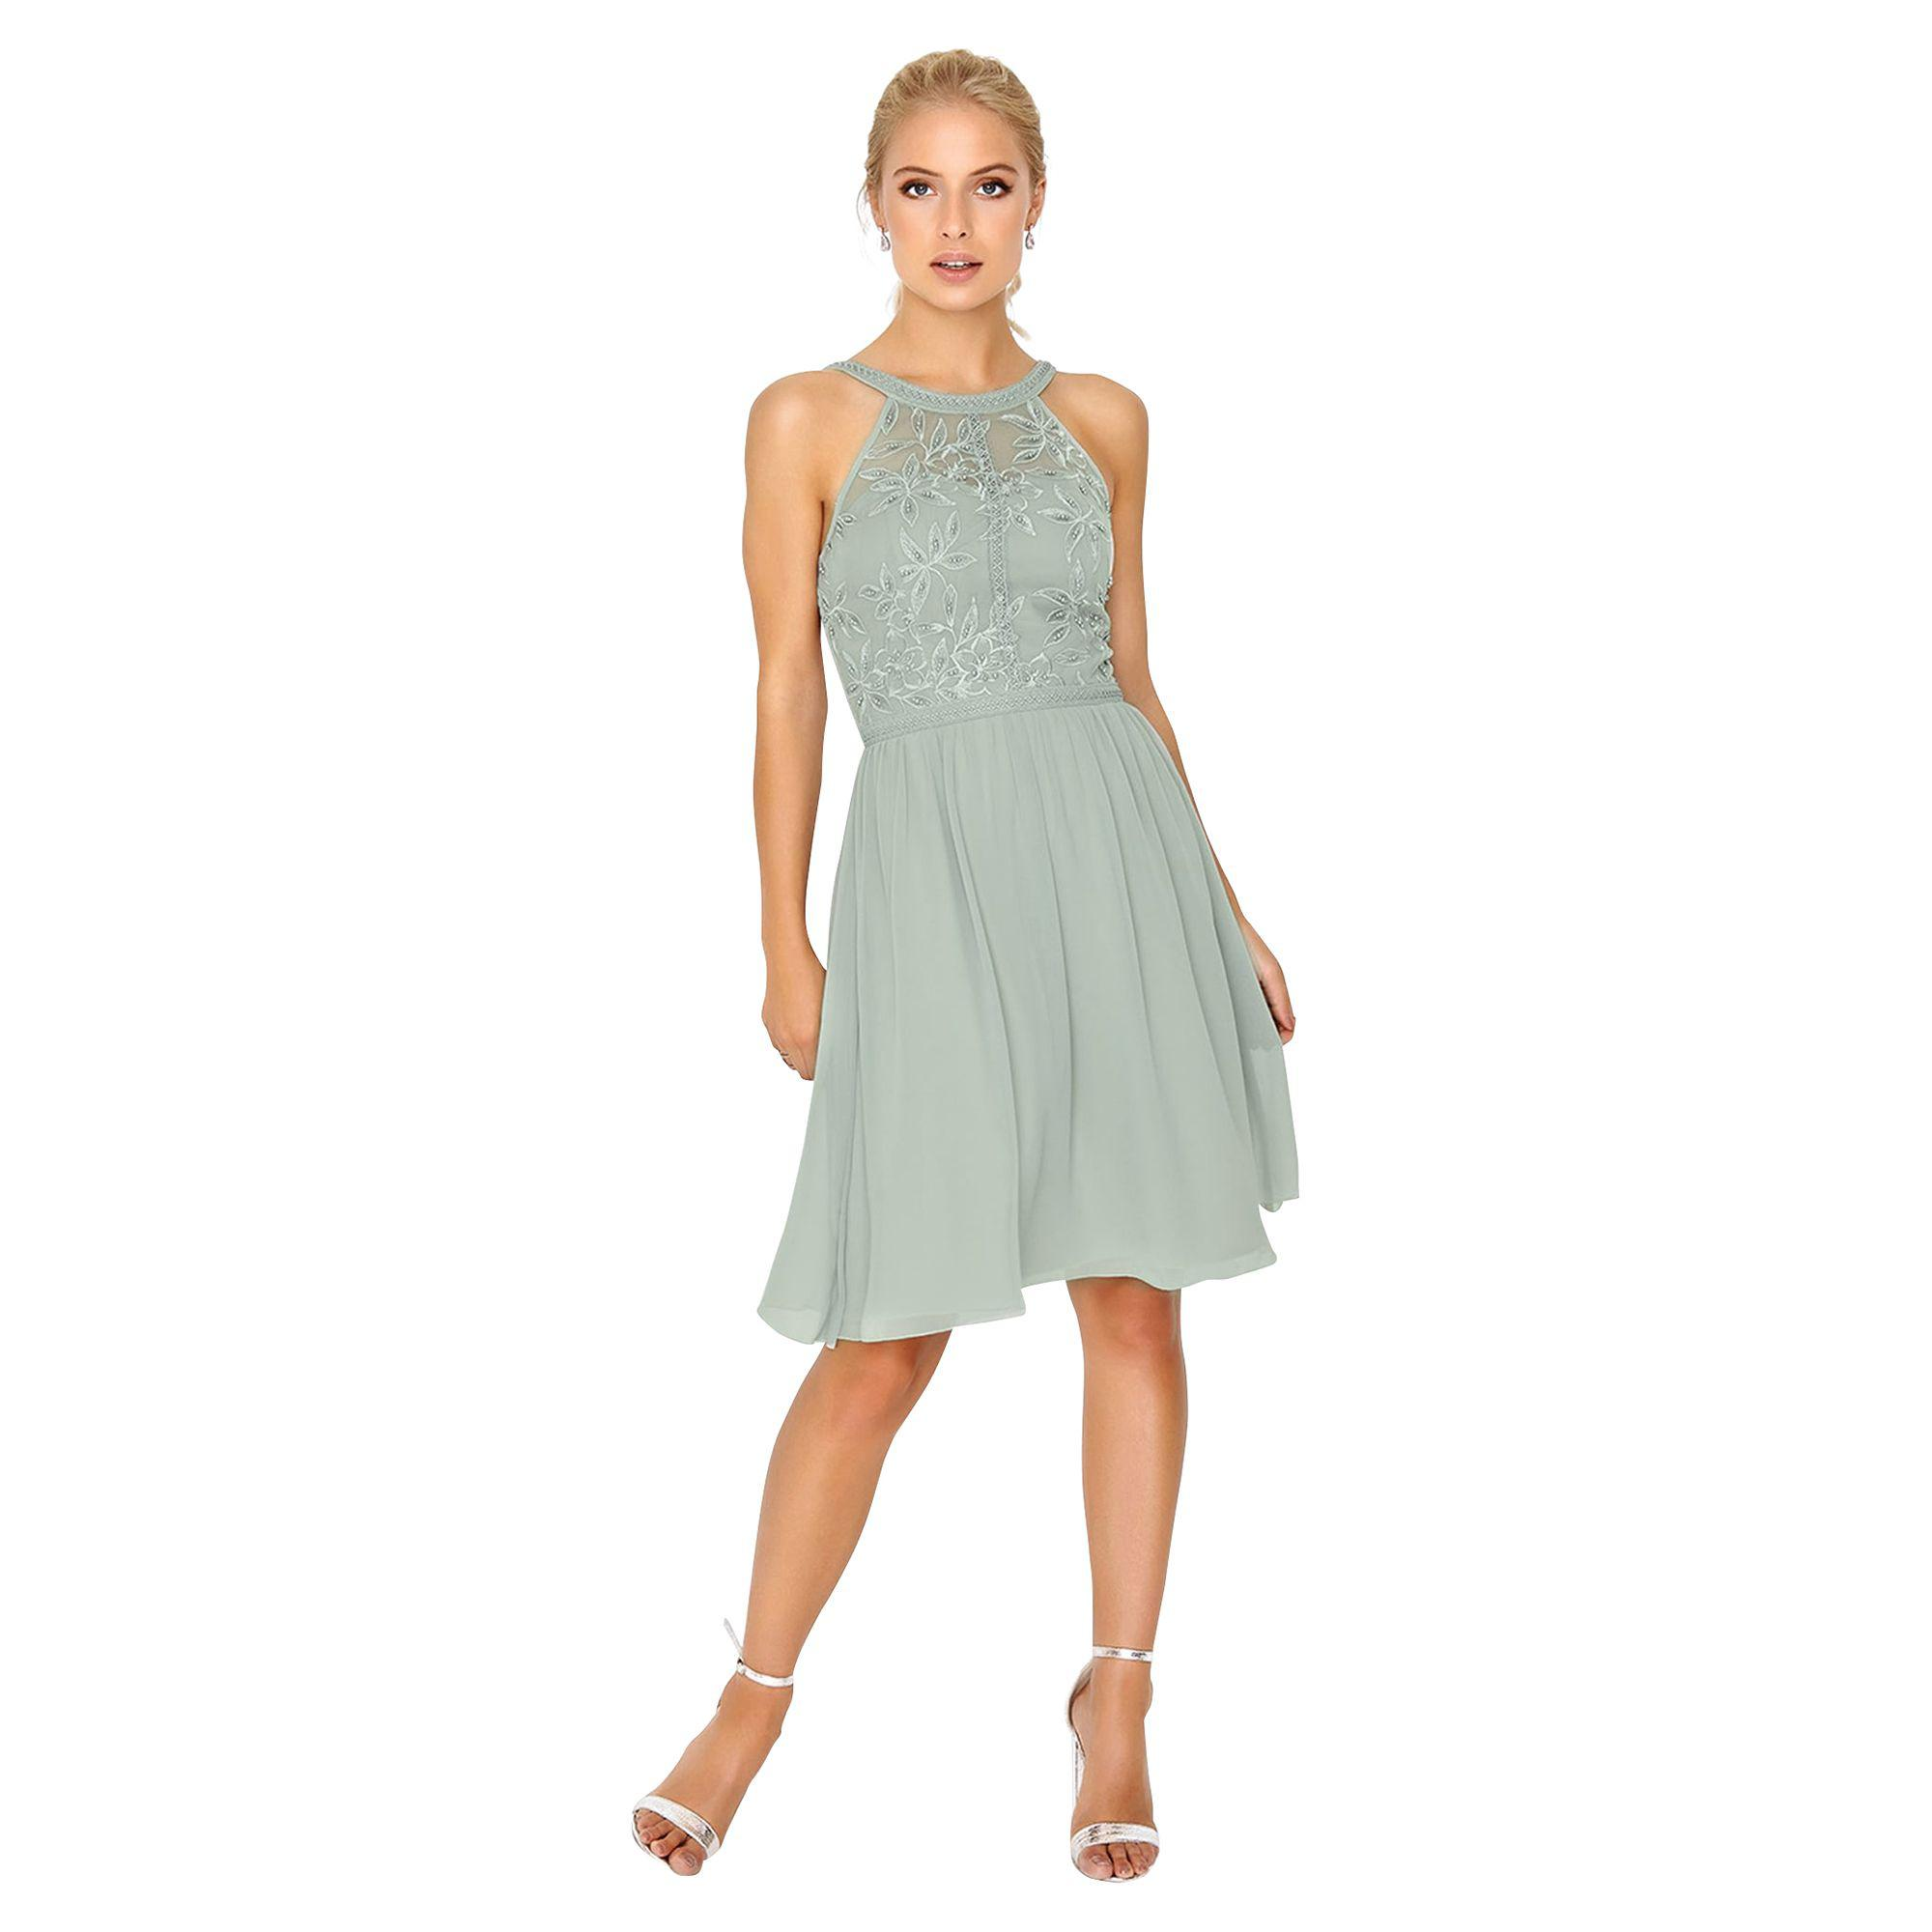 bf04f84dd49 Little Mistress Waterlily Dress in Gray - Lyst